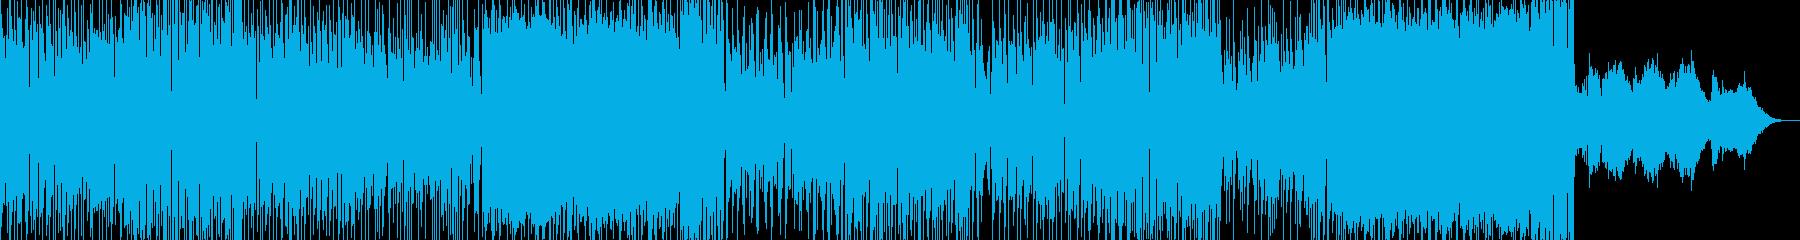 ドタバタコメディ・アニメ調ポップ 長尺の再生済みの波形